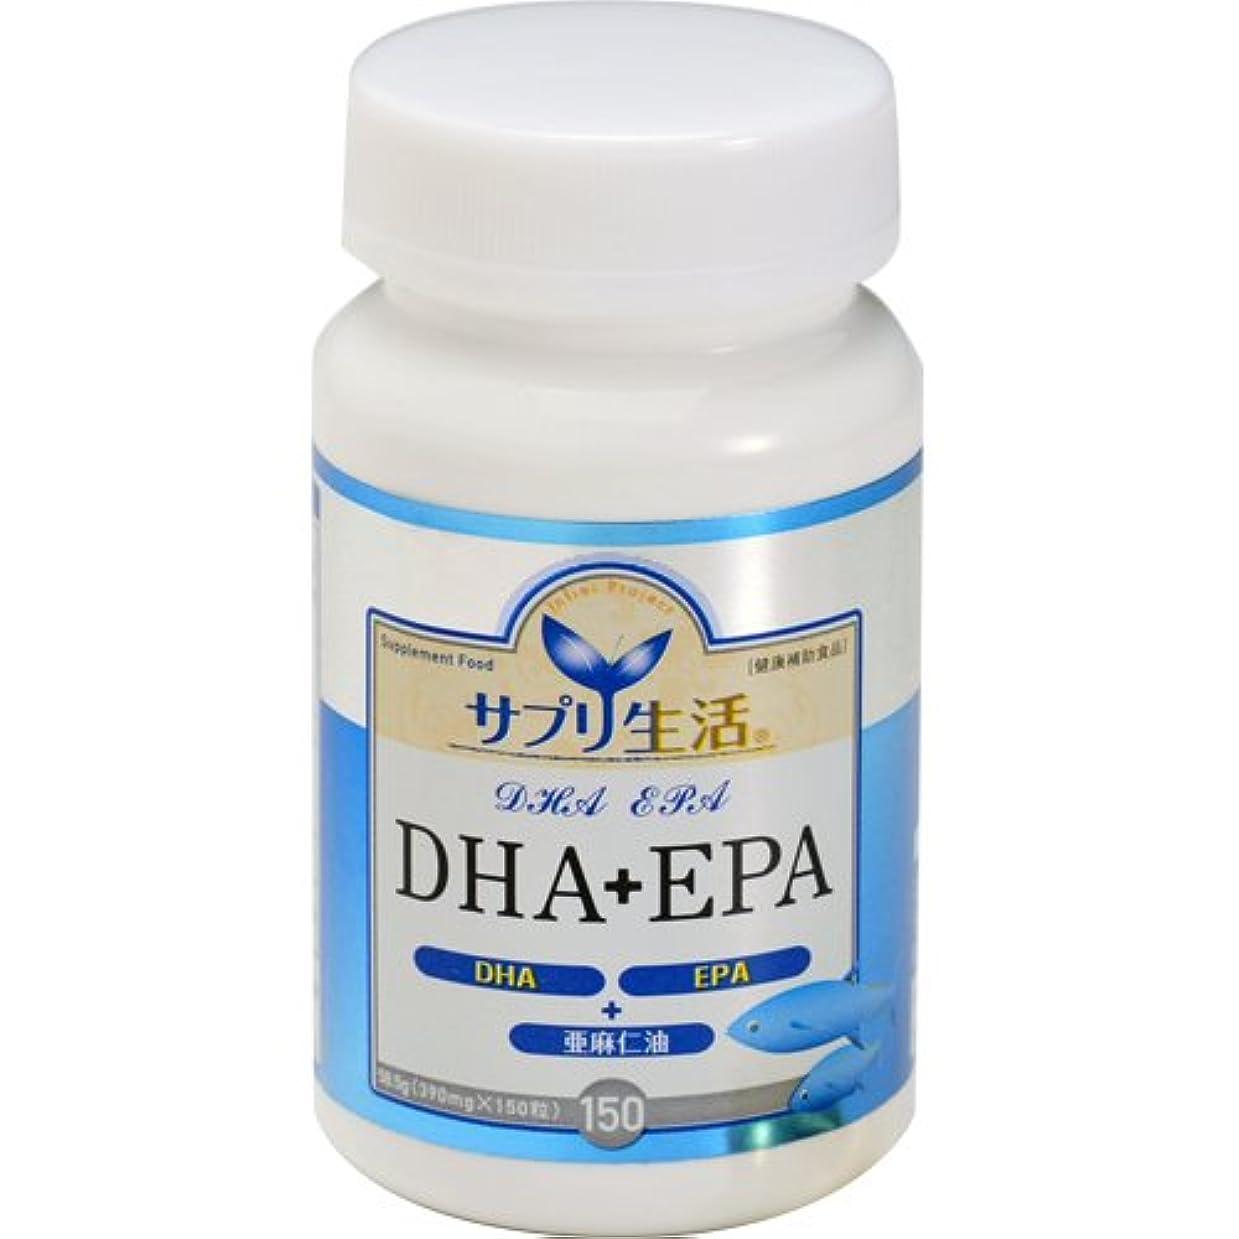 速記ヘッジインテリアサプリ生活 DHA+EPA 150粒